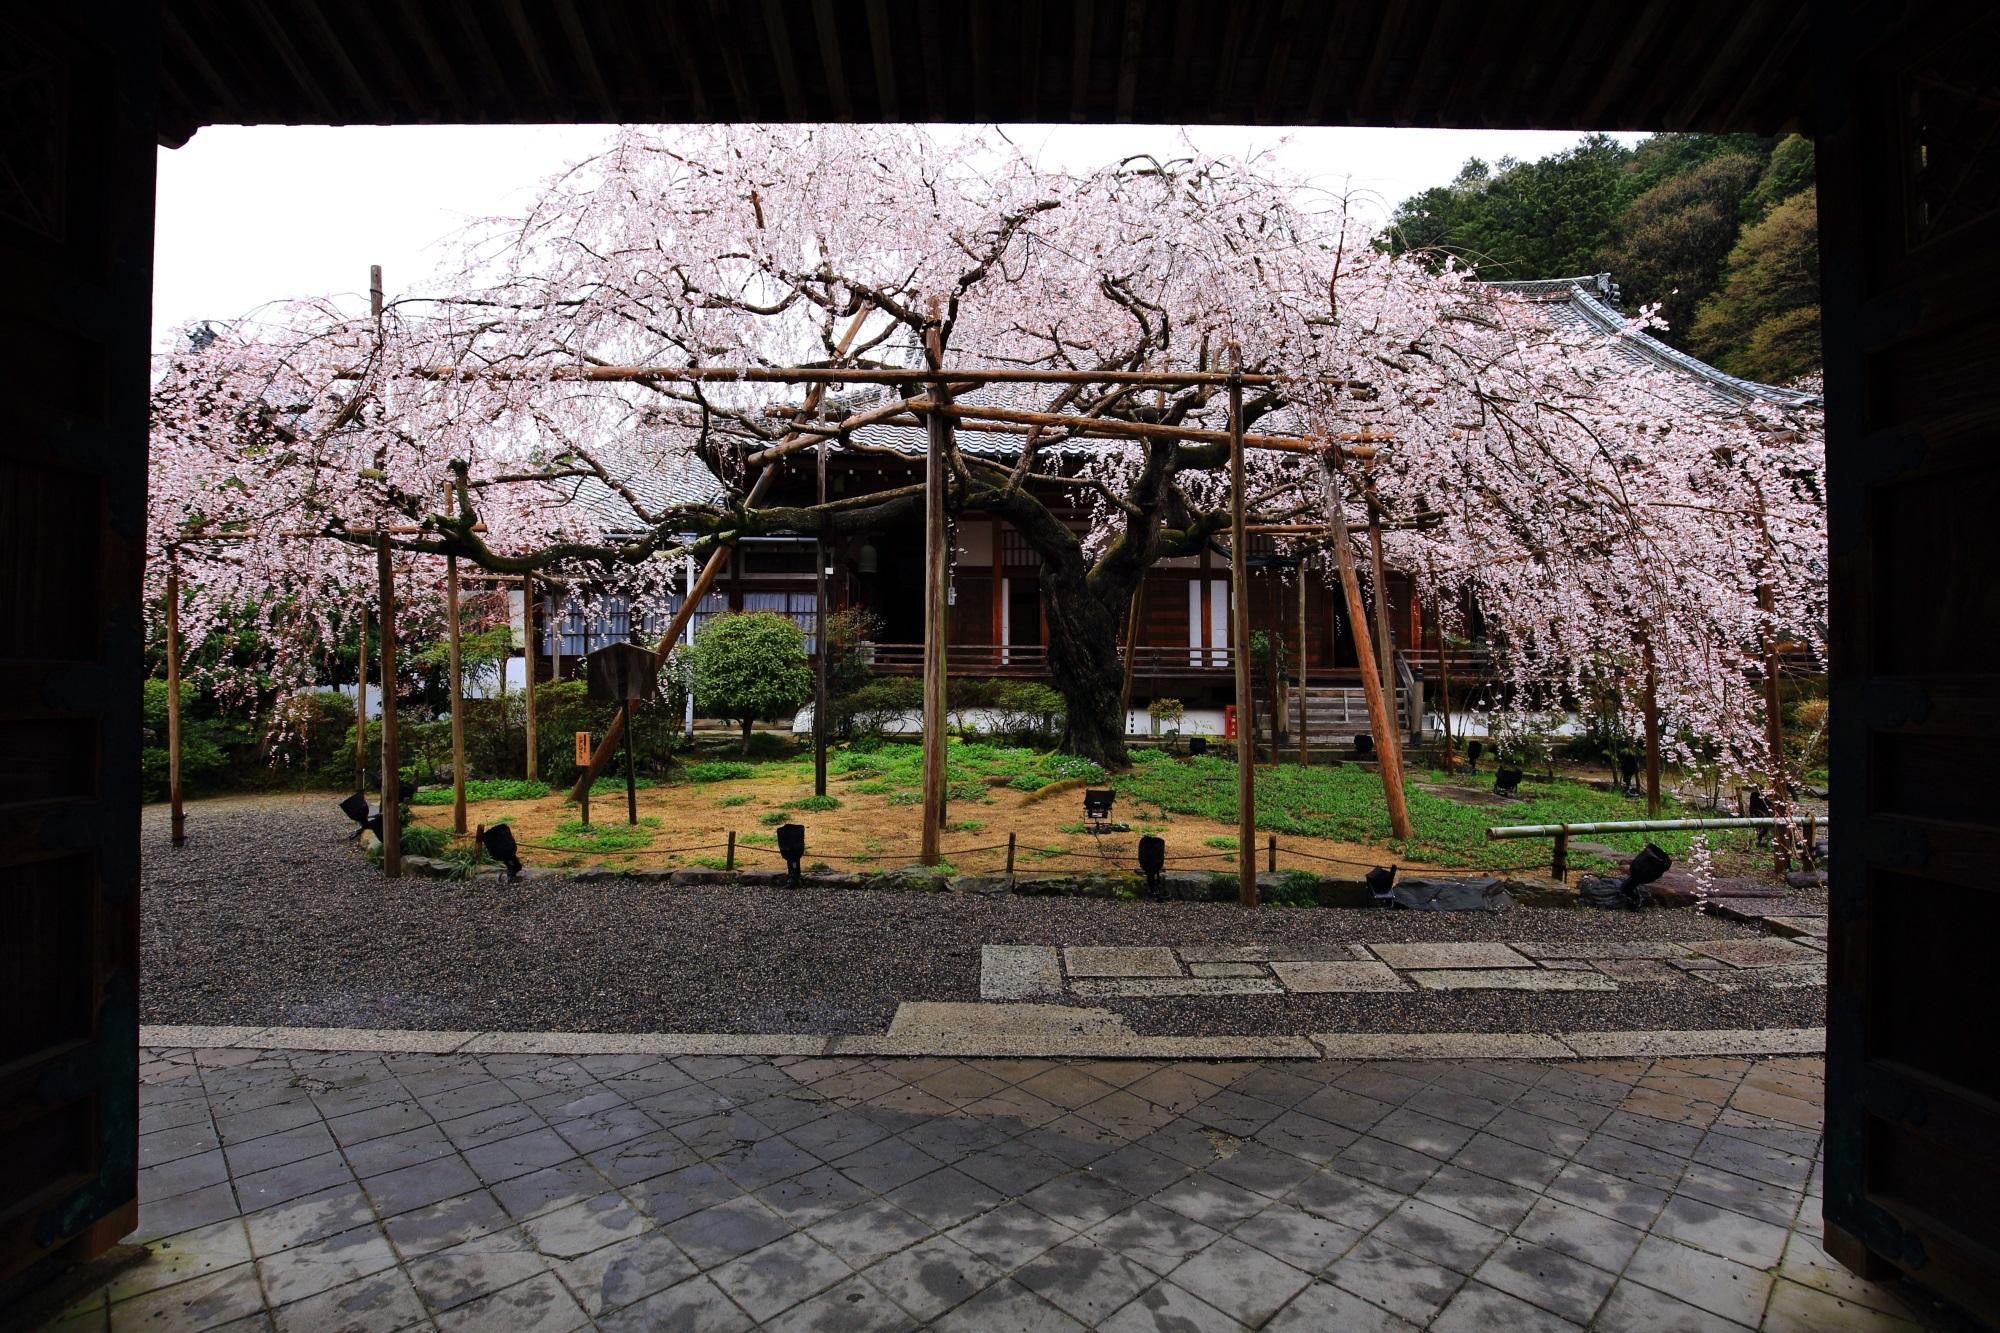 青空で見たかった感が強い毘沙門堂のしだれ桜